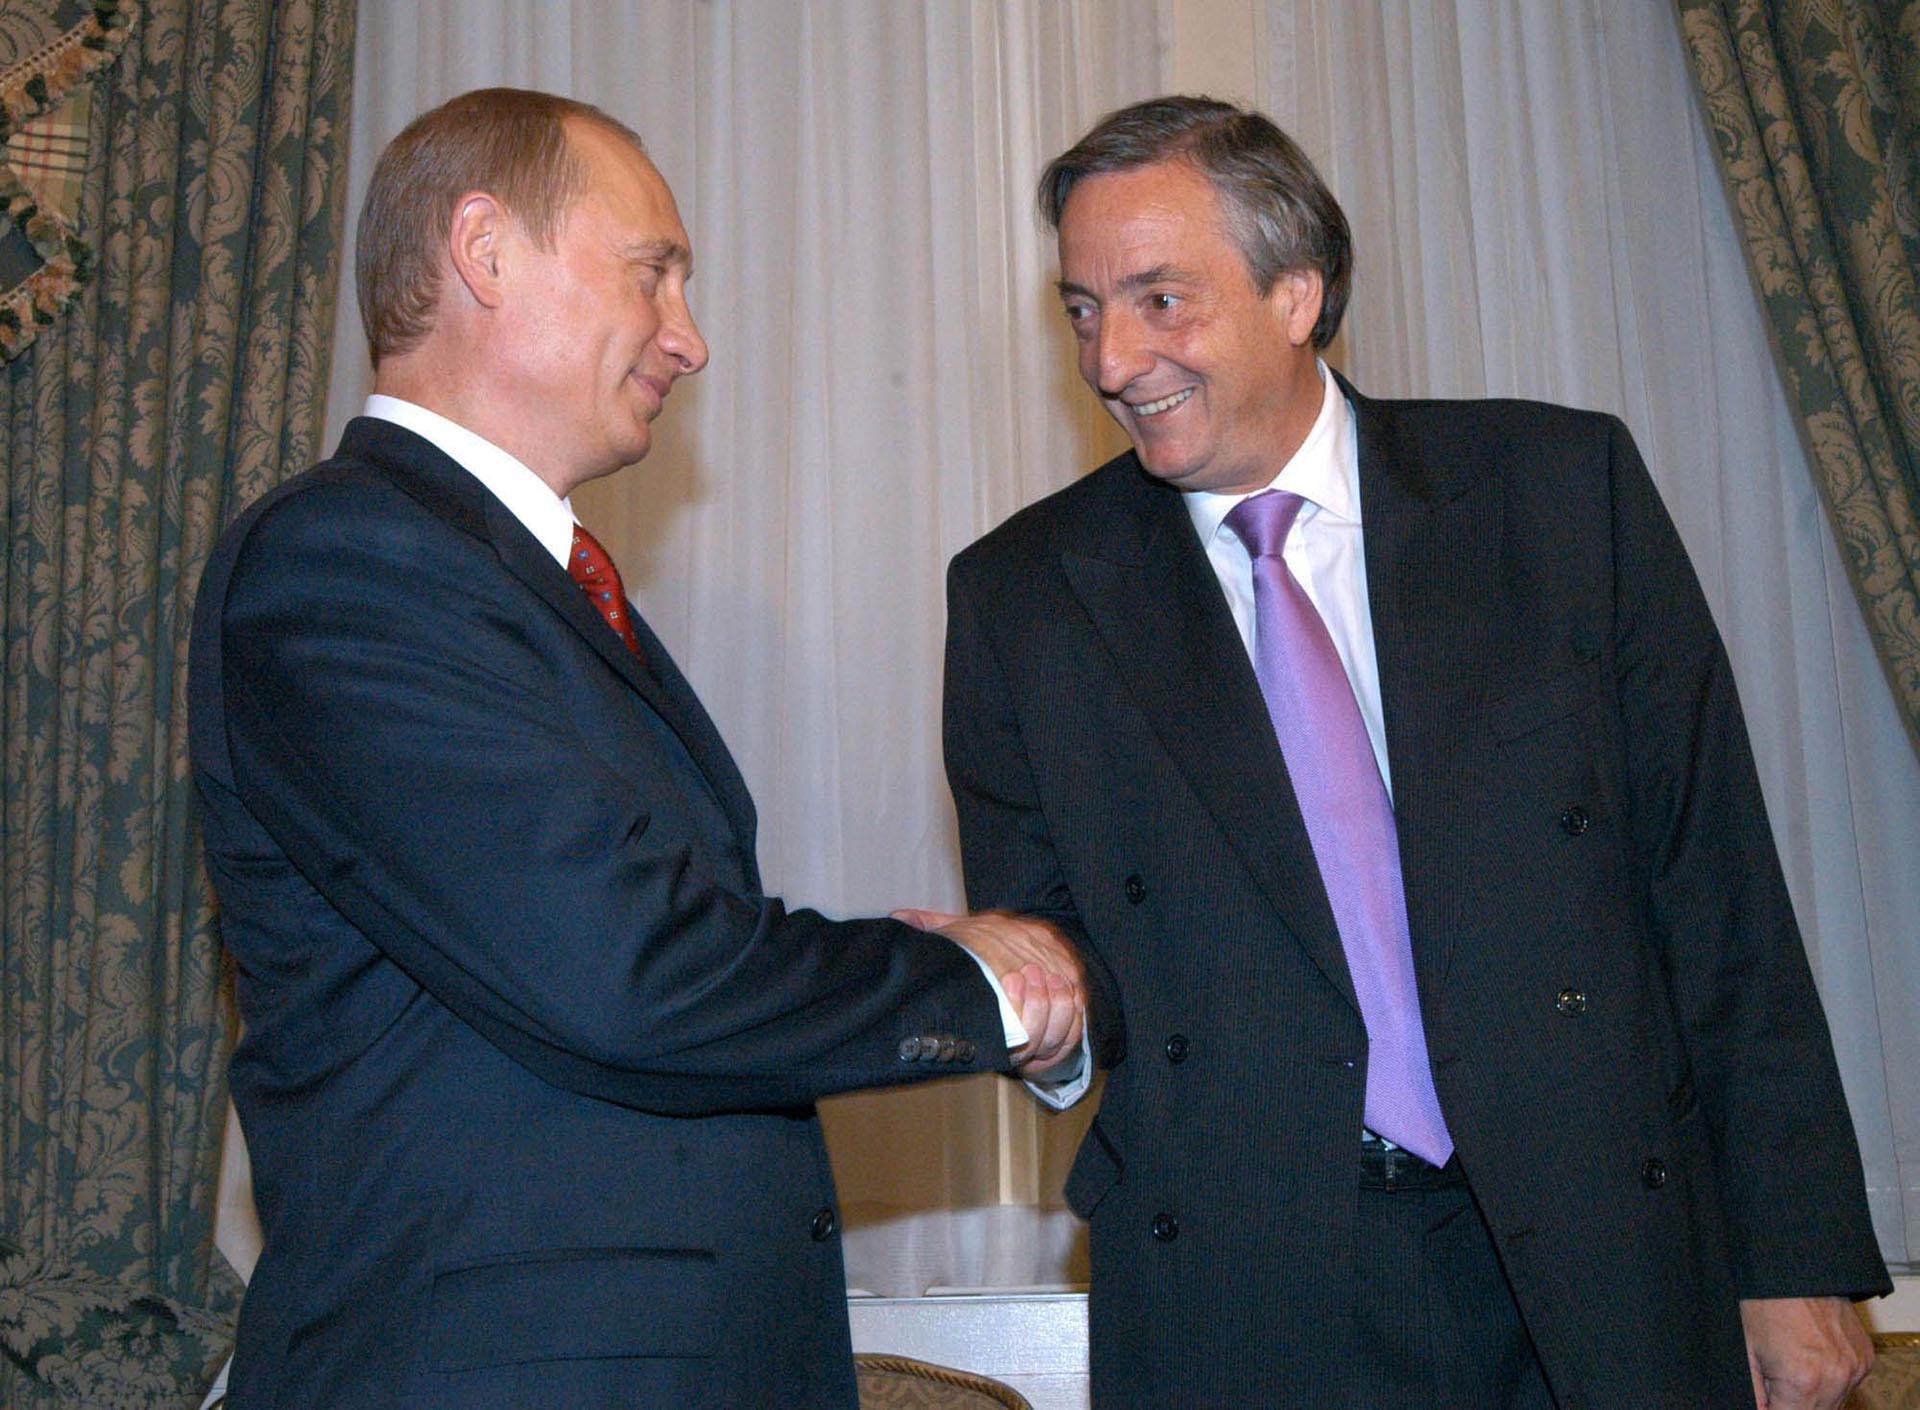 El presidente Néstor kirchner junto su par de Rusia, Vladimir Putin, en el hotel Waldorf Astoria de esa ciudad